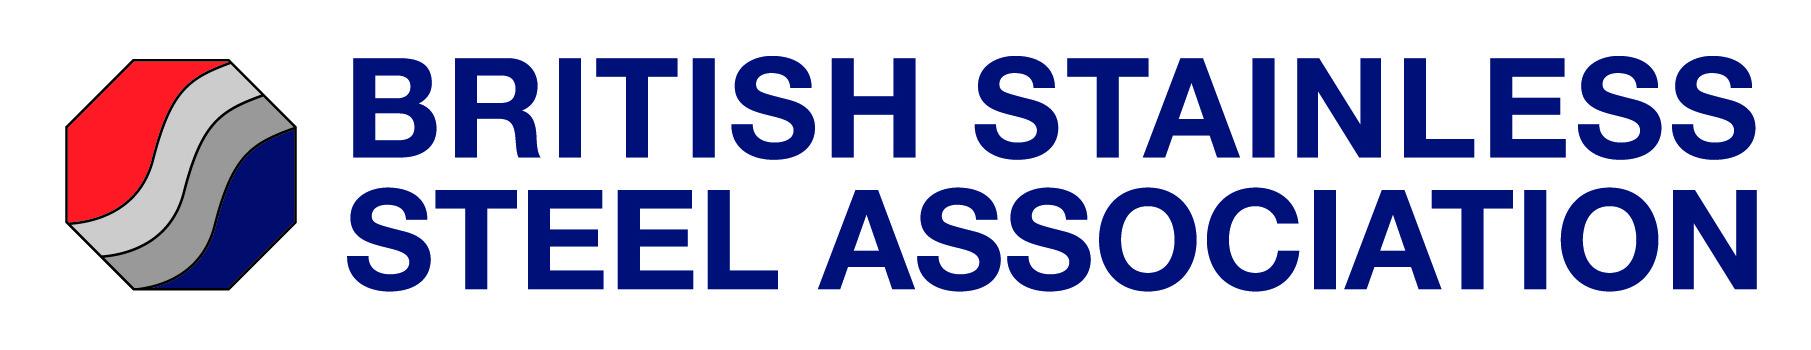 BSSA logo Short Blue V2B - Precision Slit Metals